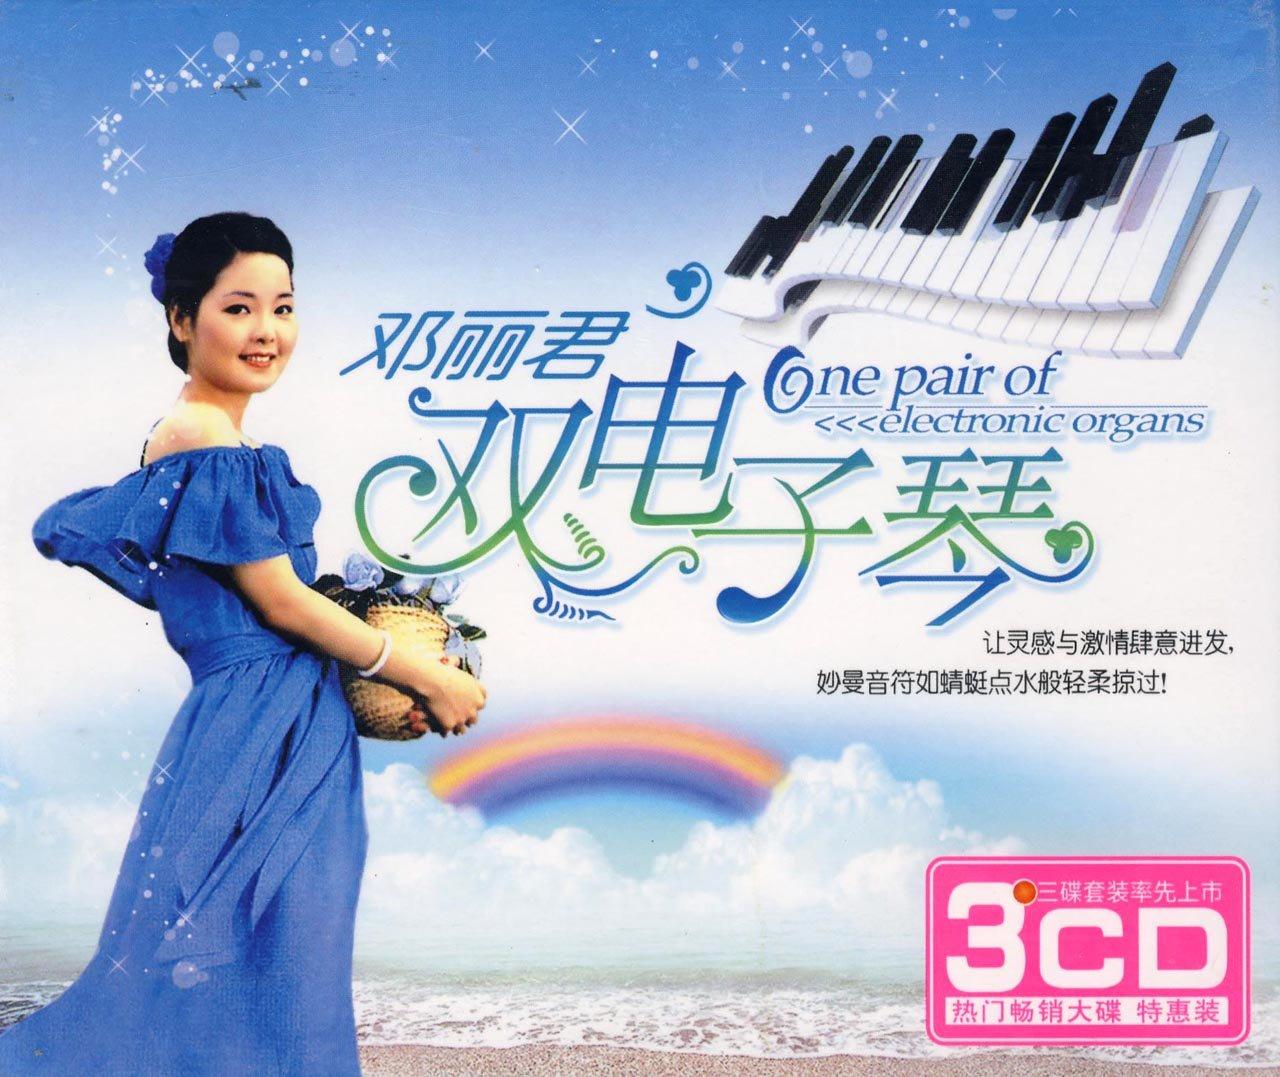 邓丽君双电子琴(3cd) 邓丽君图片